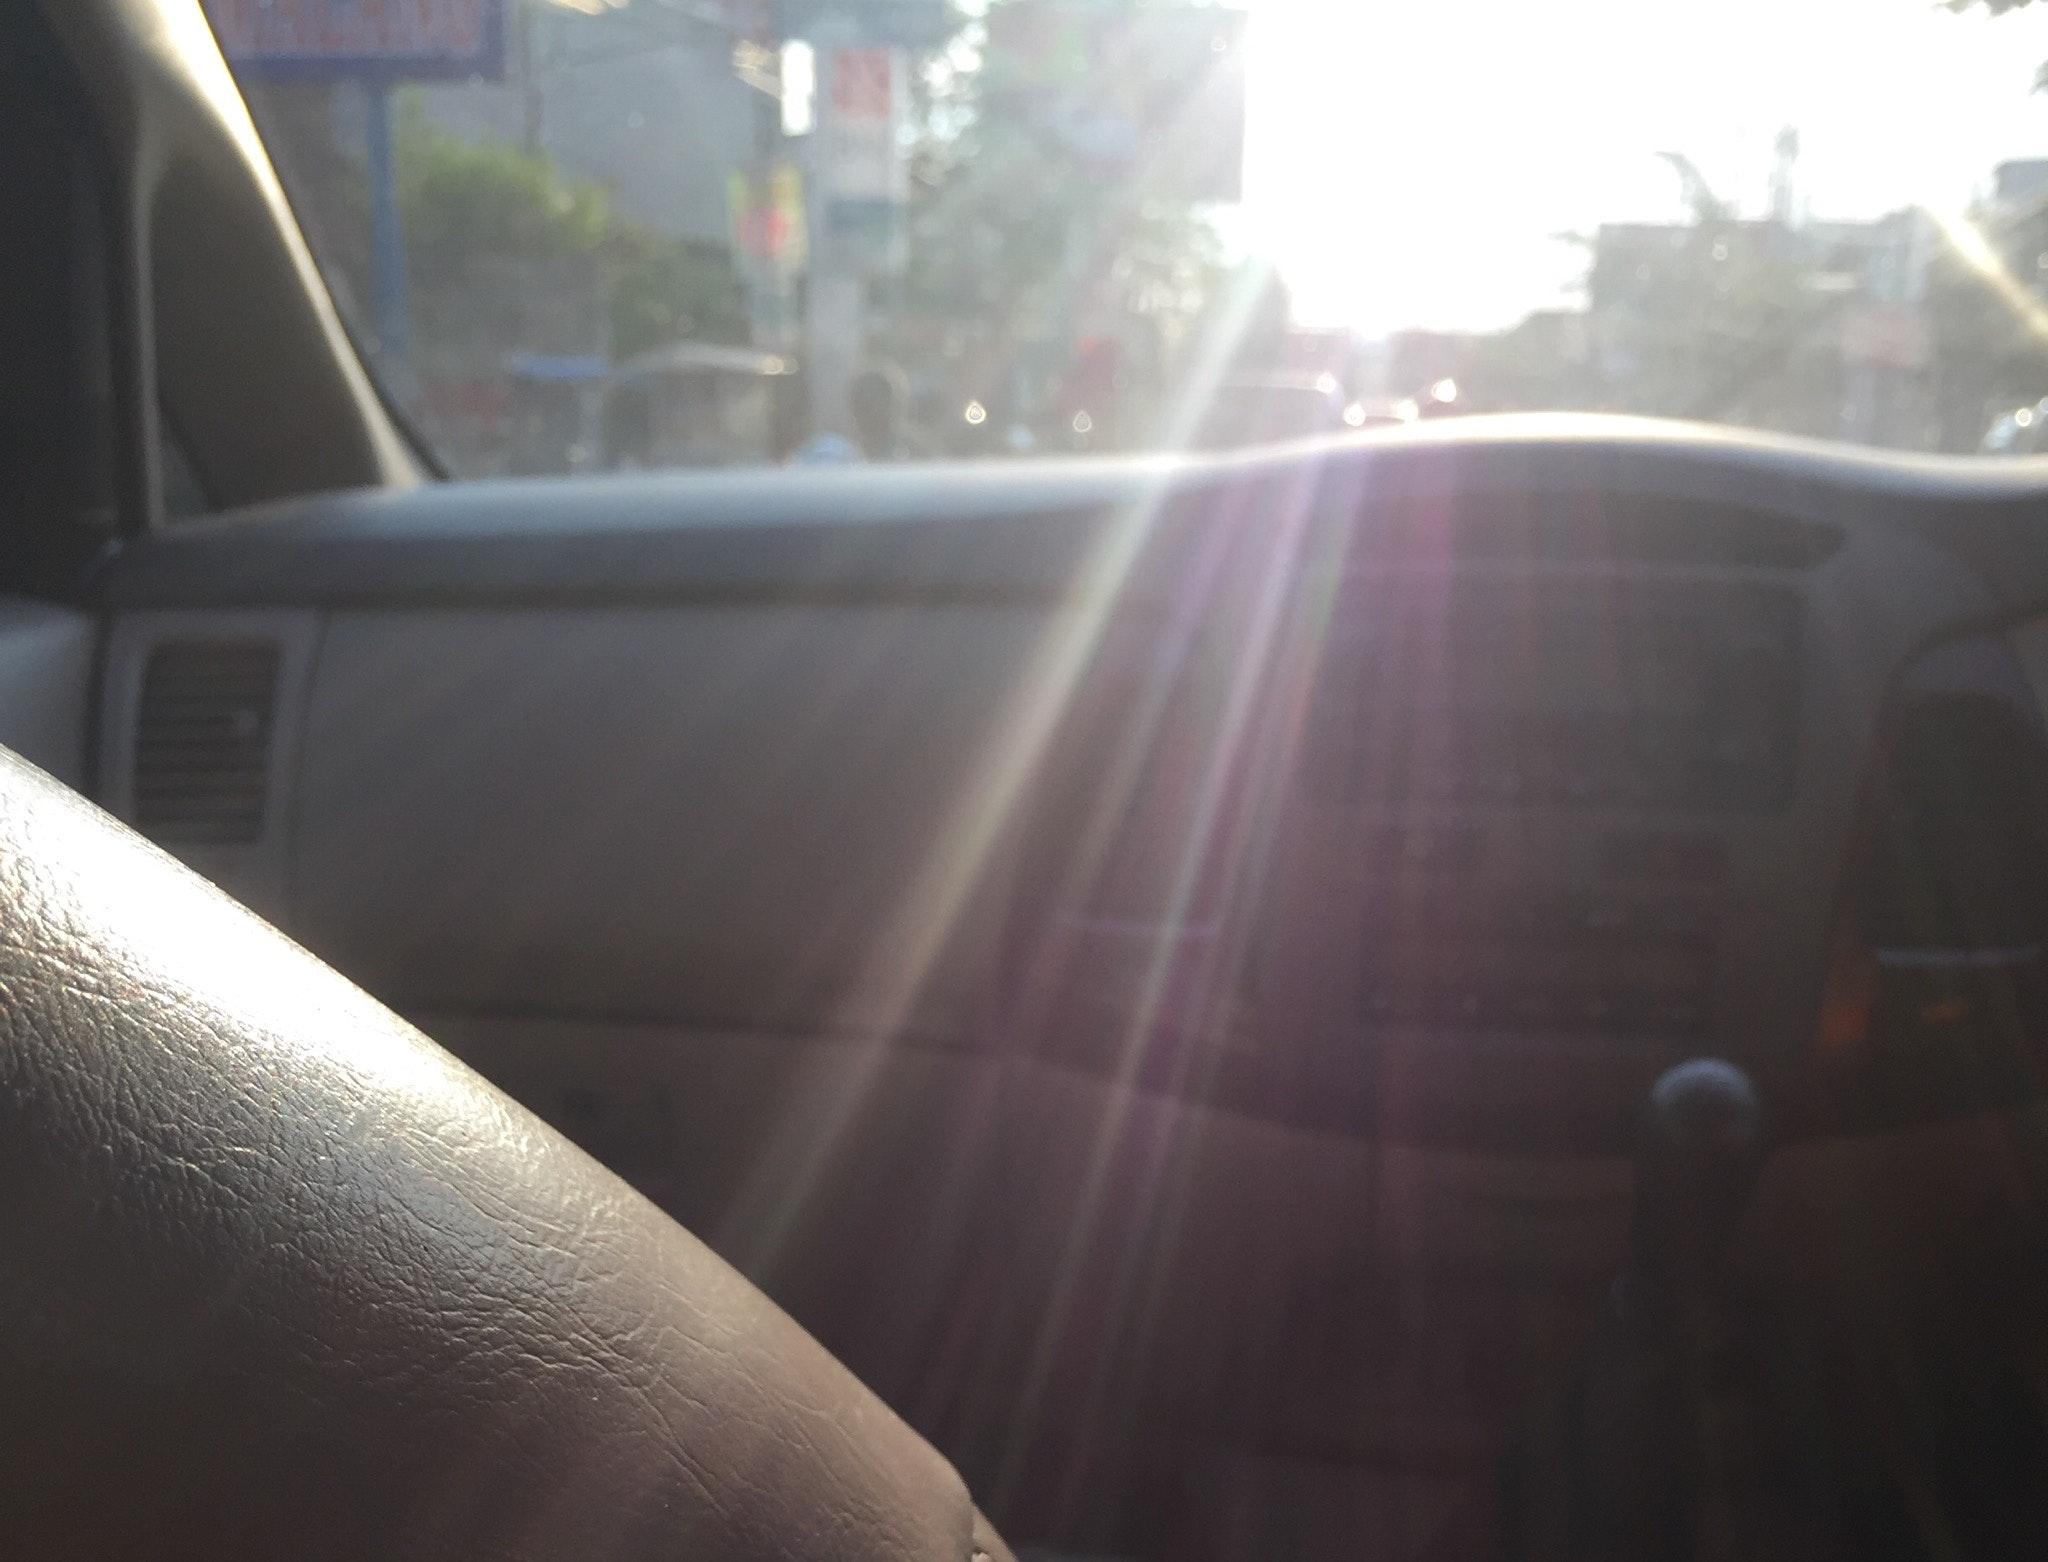 Gambar Didalam Mobil Kumpulan Gambar Mobil Terbaru